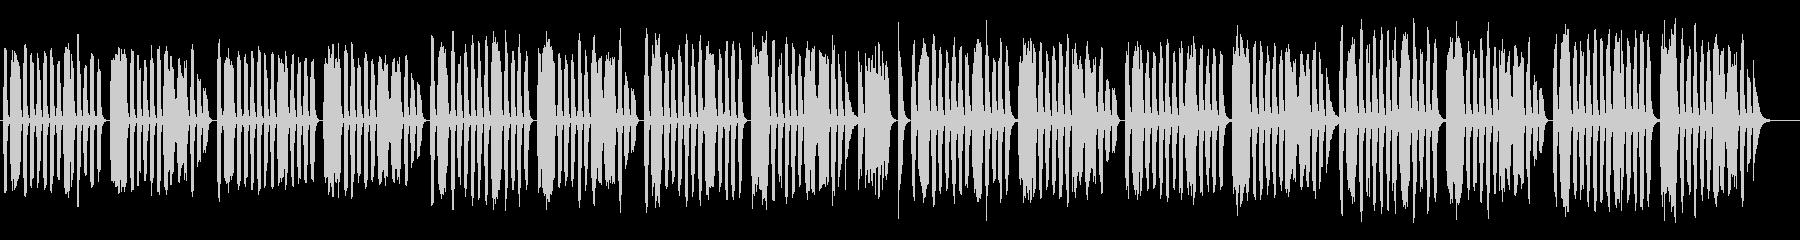 ゆる系BGM/のんびり/コミカルの未再生の波形